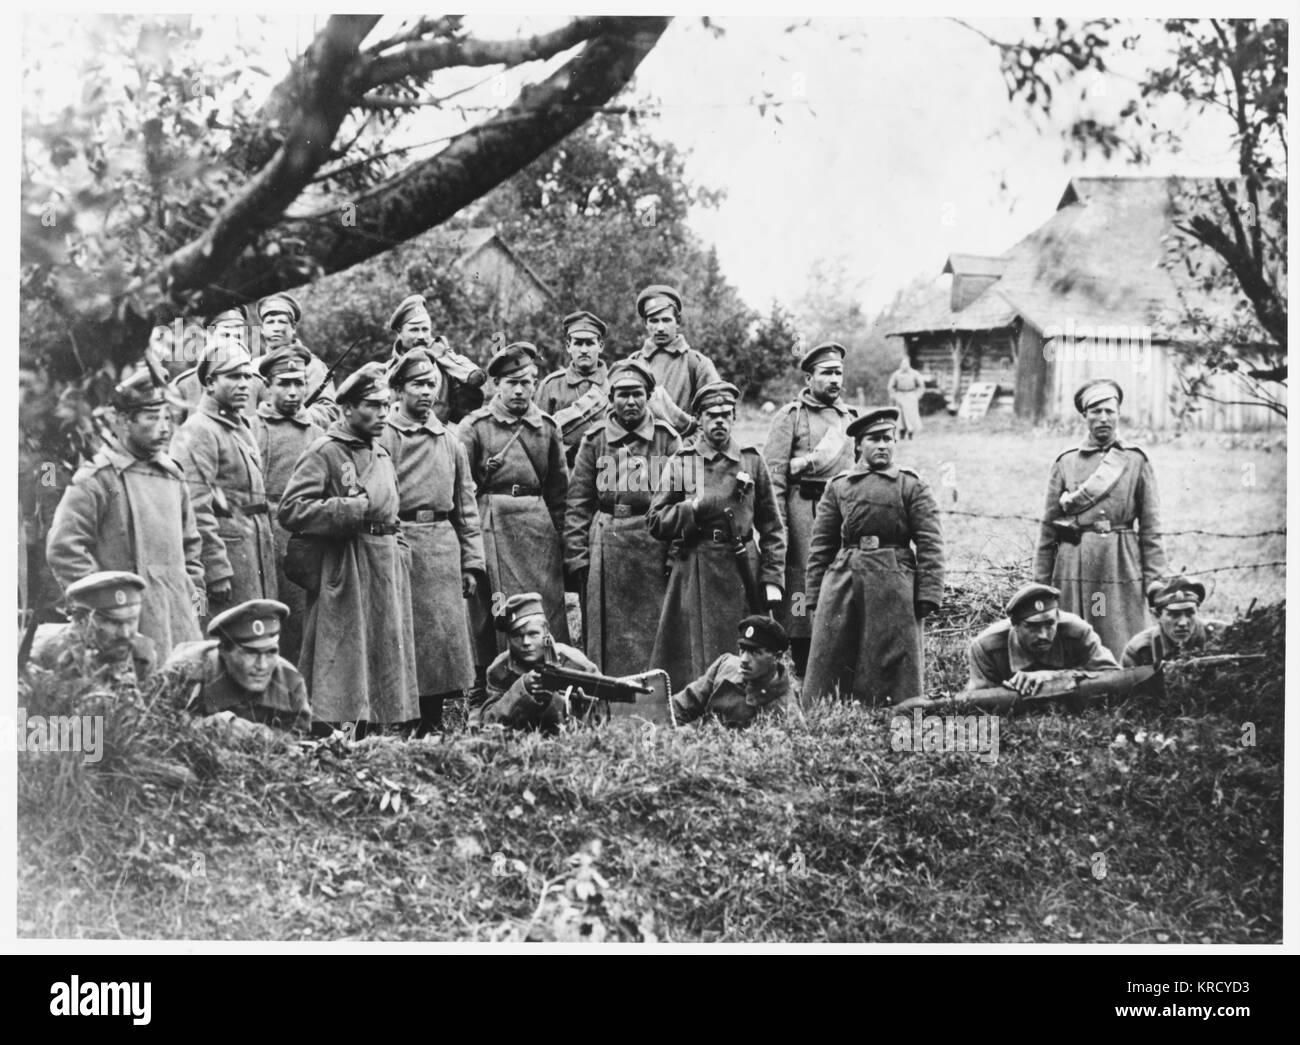 Nach der vorläufigen General Kornilow Kerenski, das Regime zu stürzen, seine Anhänger und die siegreichen Stockbild